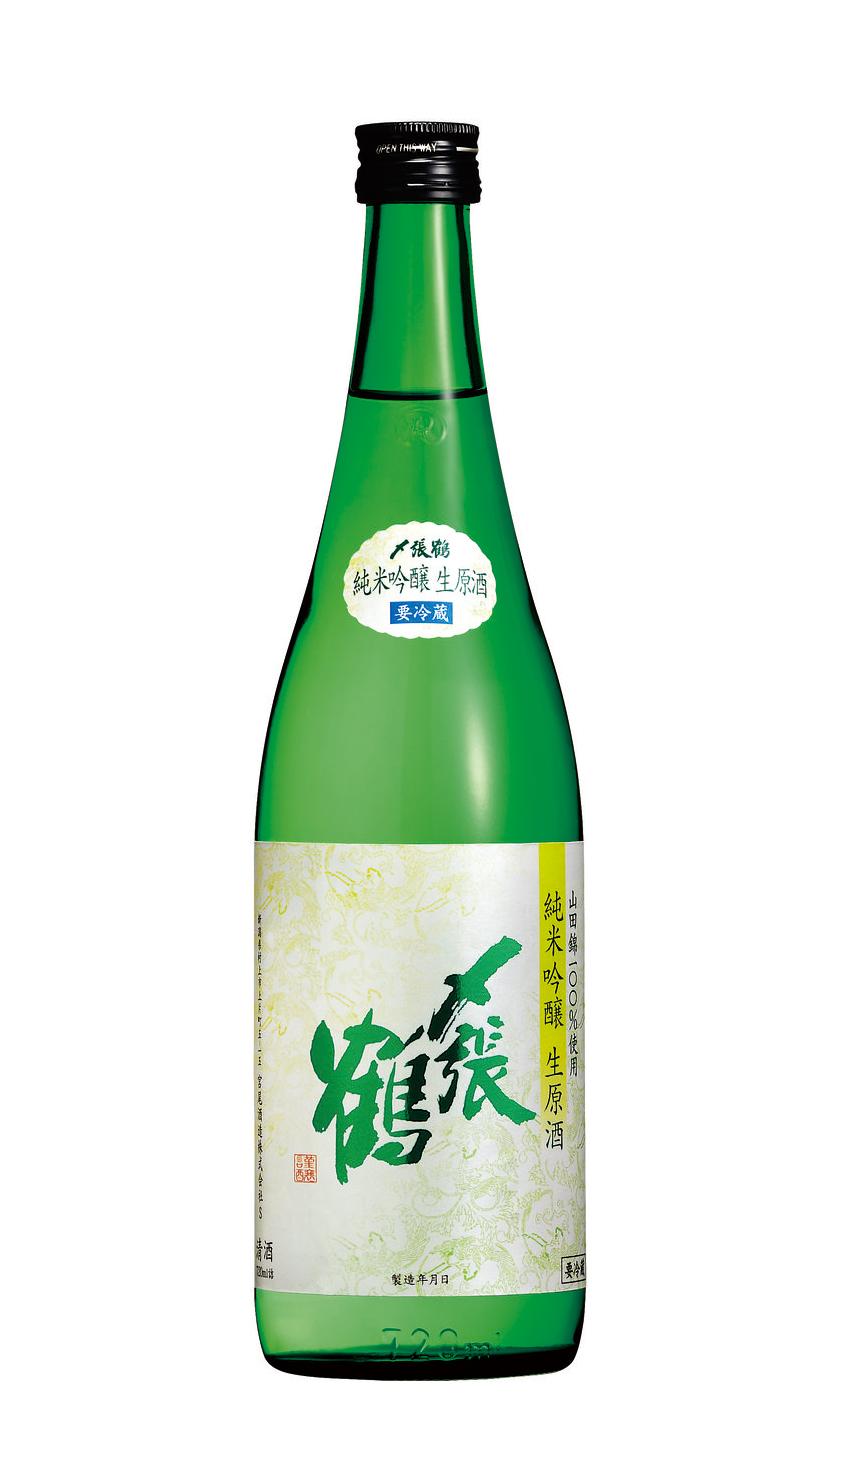 〆張鶴 純米吟醸生原酒 1.8L